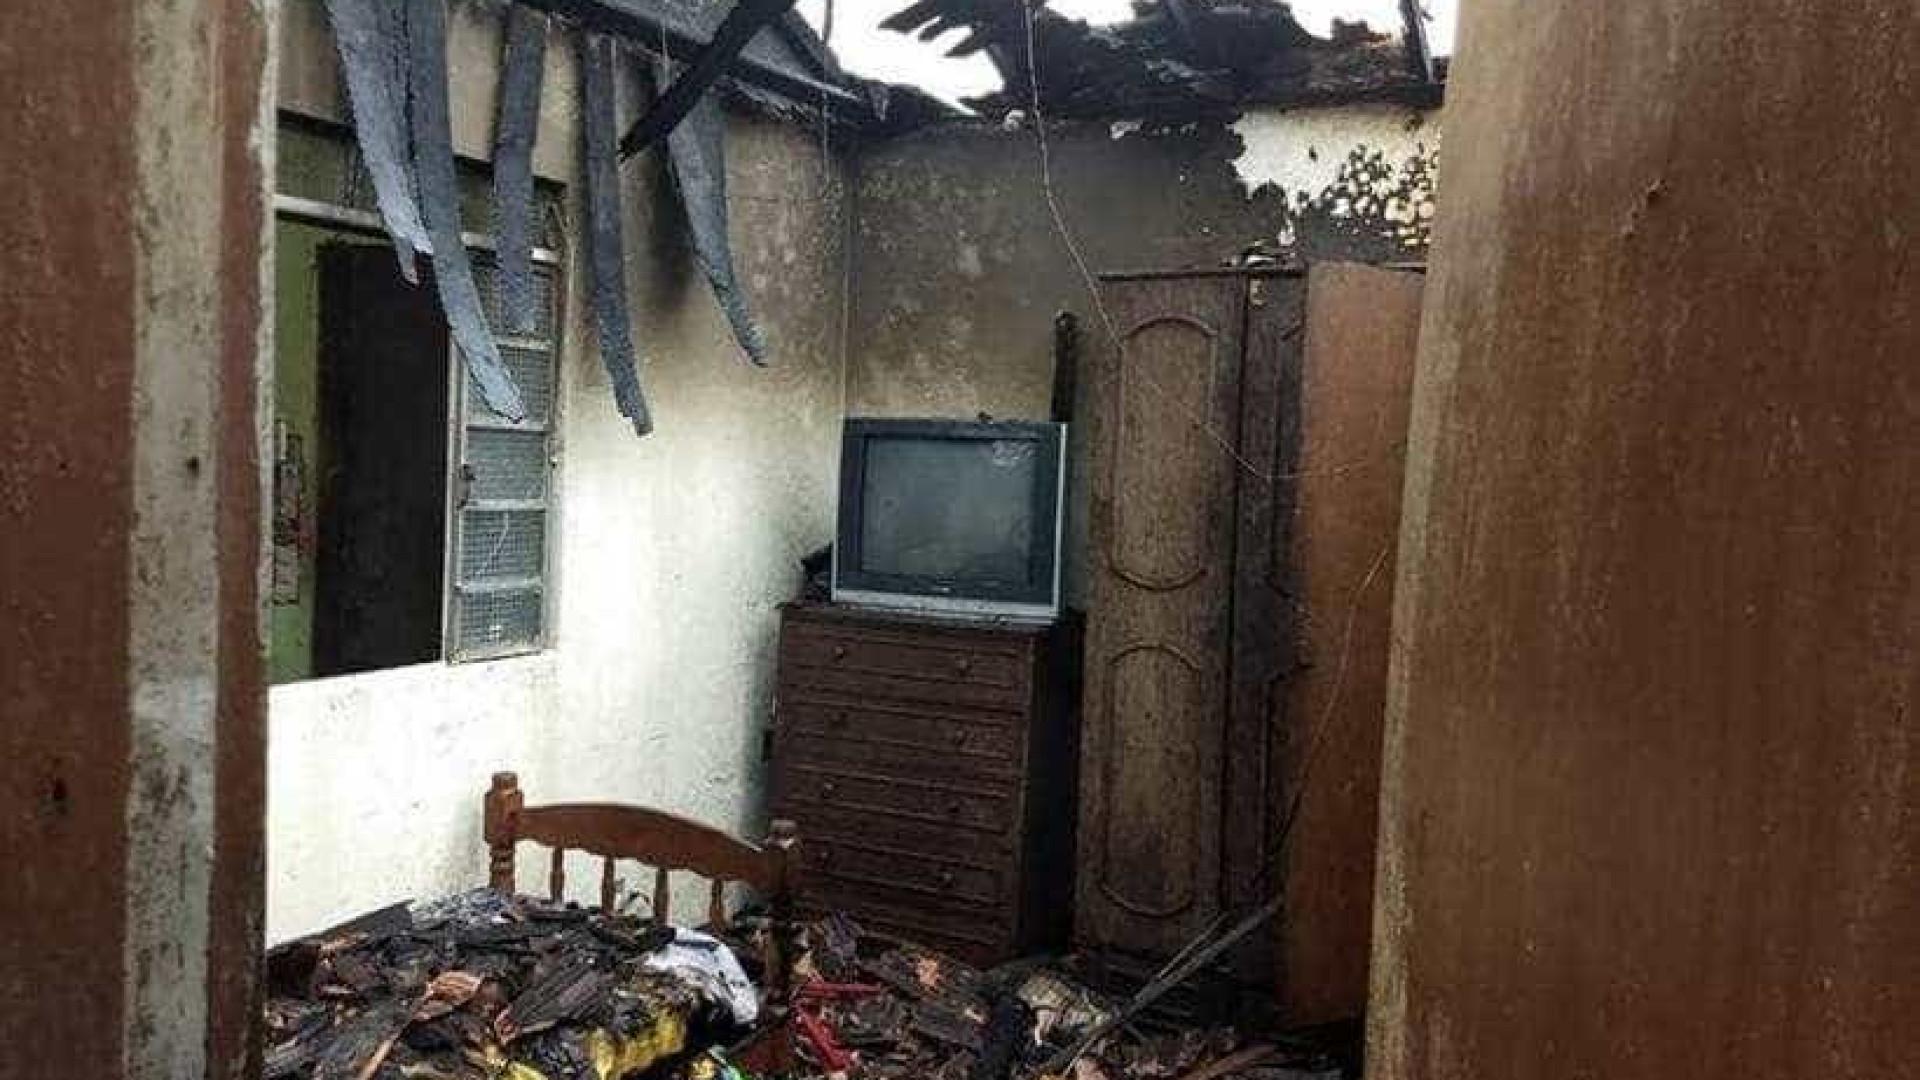 Celular ligado à tomada causa incêndio em casa de BH